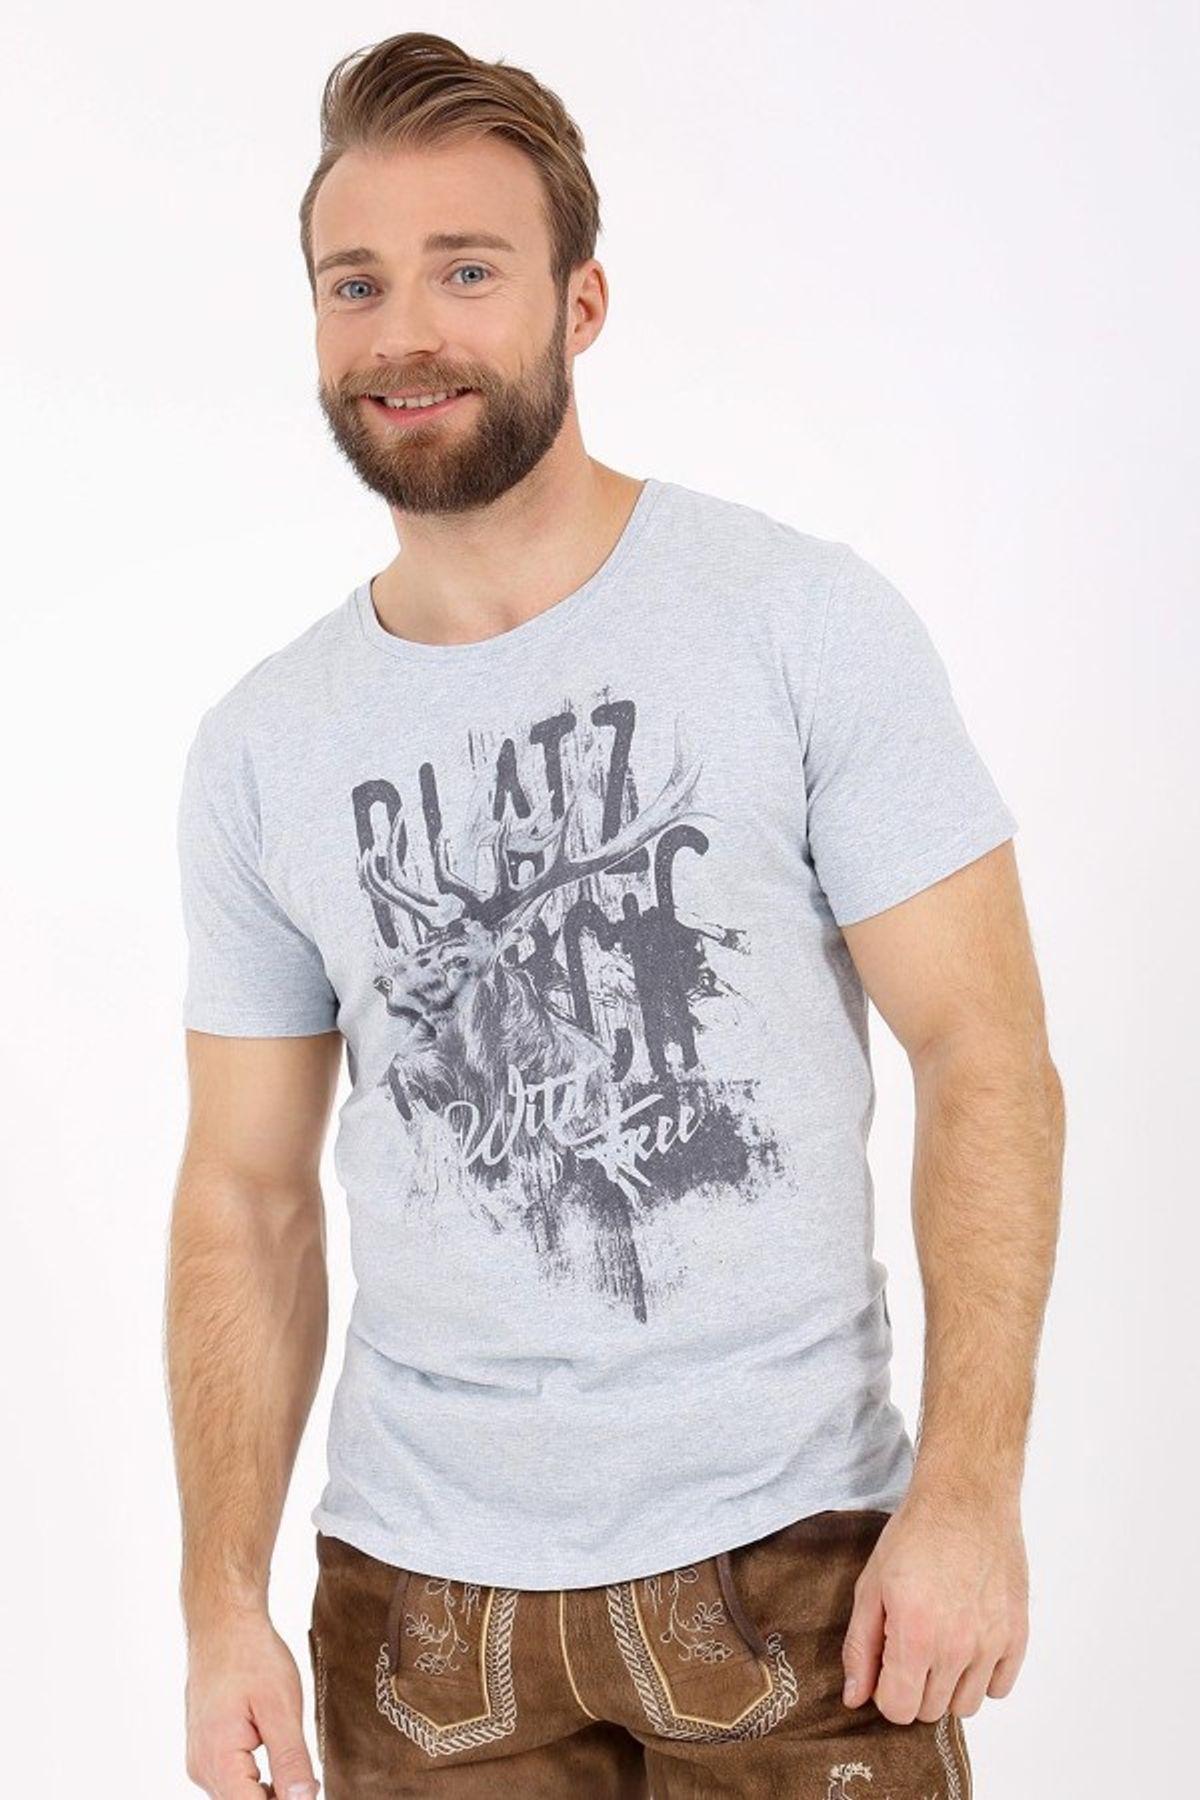 Krüger - Herren Trachten T-Shirt in hellblau, Platzhirsch (95211-81) – Bild 2